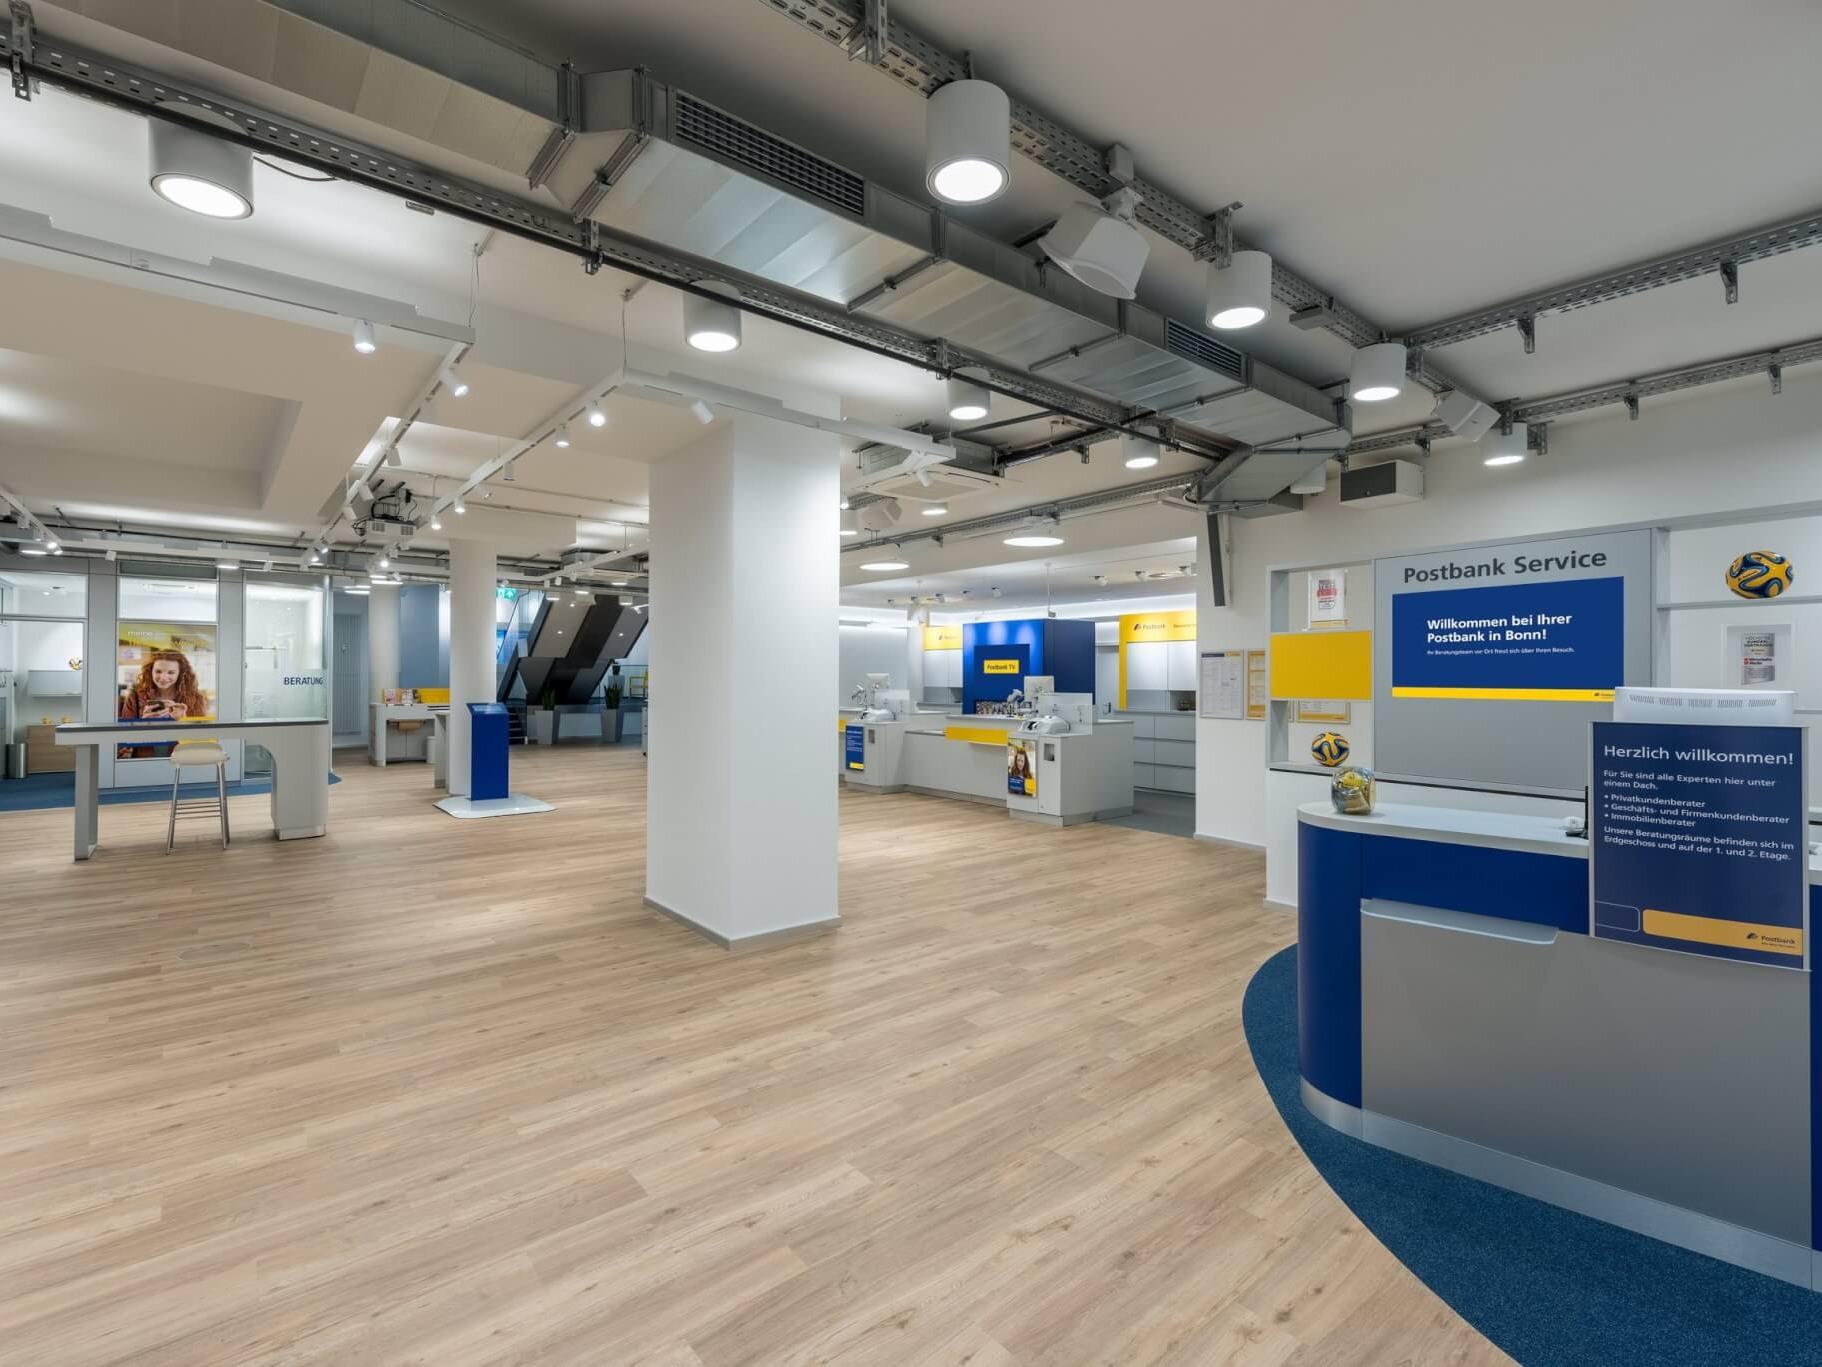 postbank finanzcenter bonn SF81562 HDR Bearbeitet